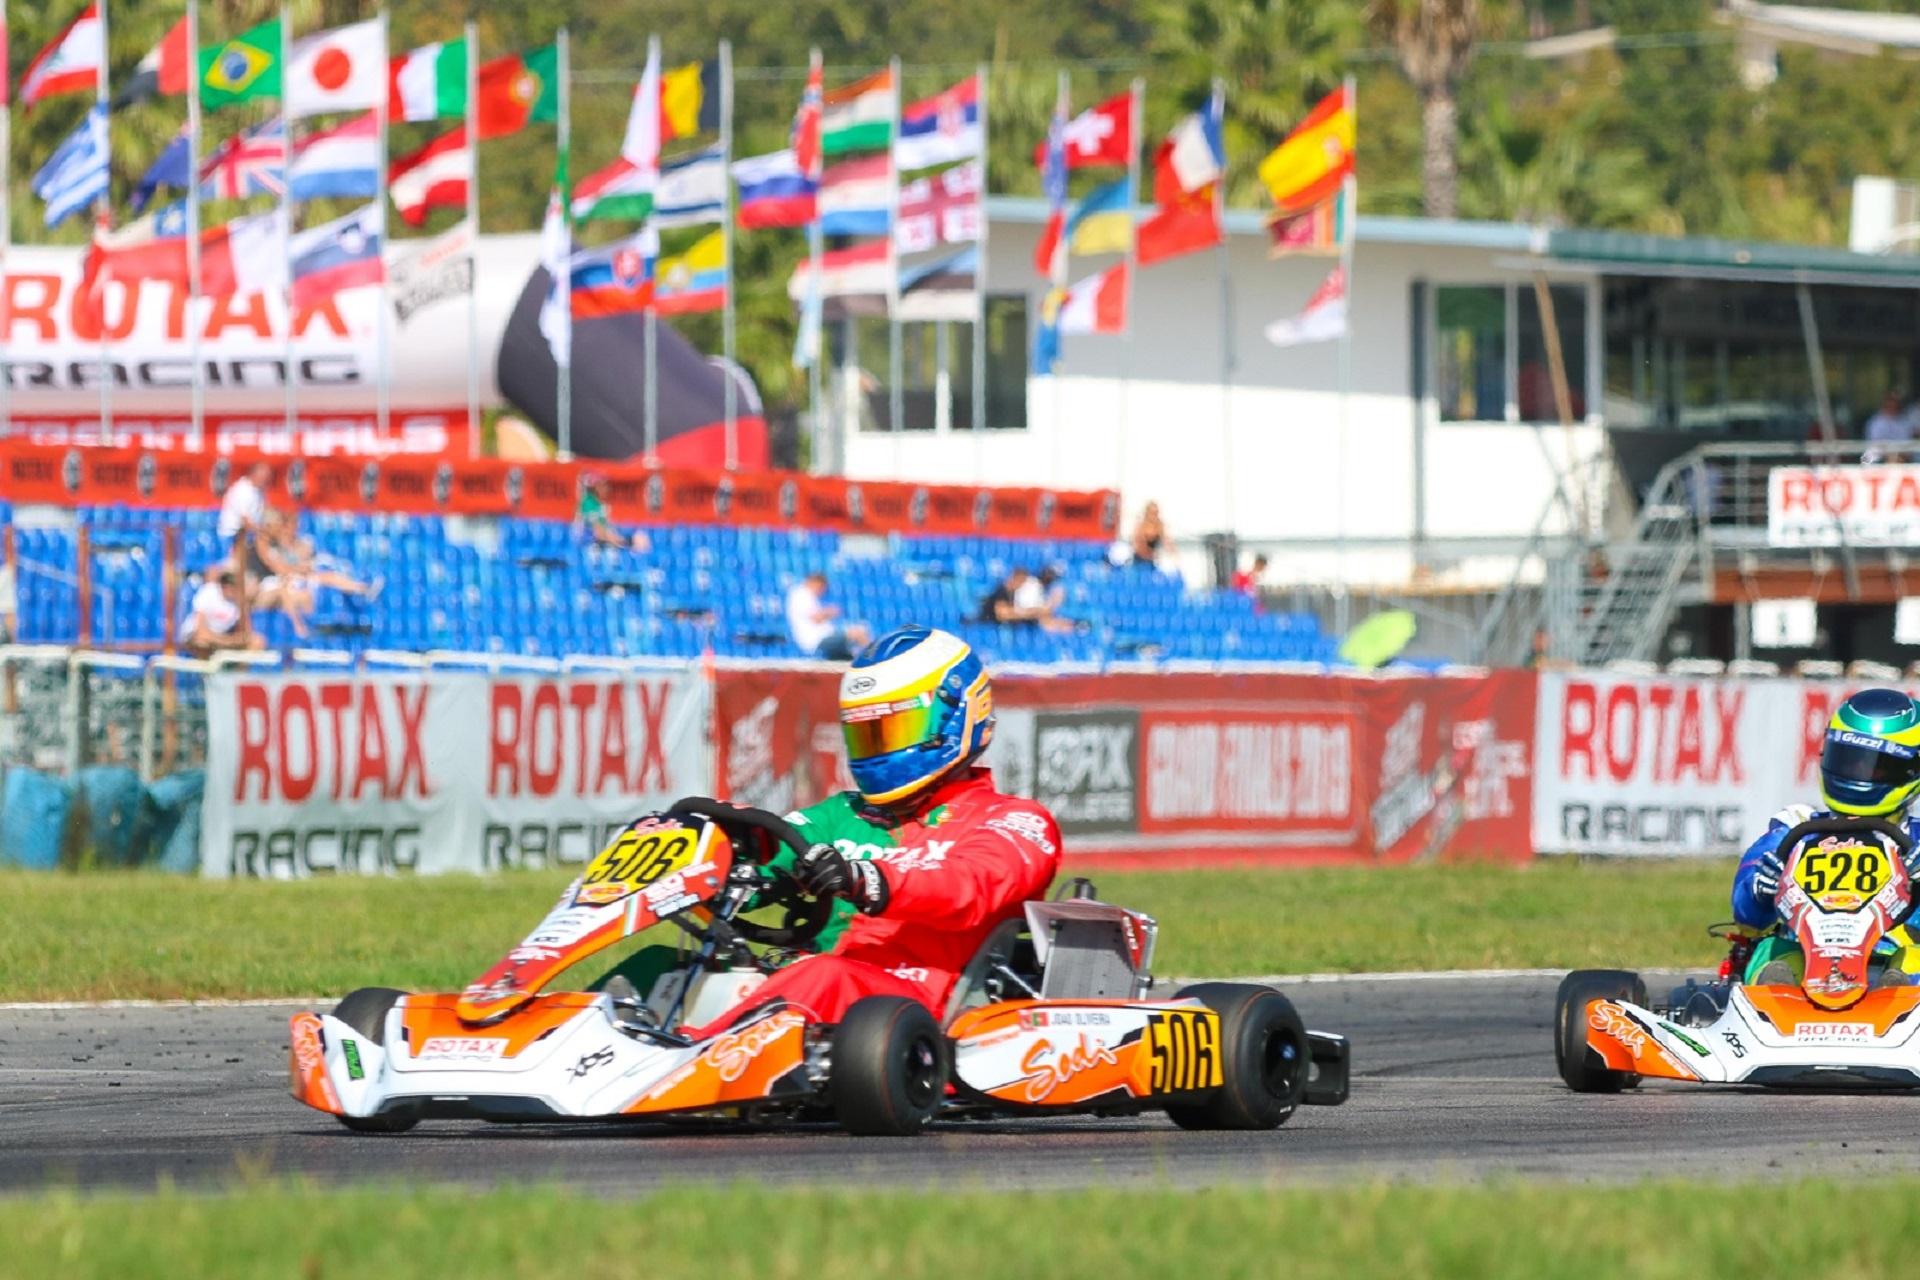 João Oliveira 9.º classificado na Pré-Final A do Mundial Rotax DD2 Master em Itália